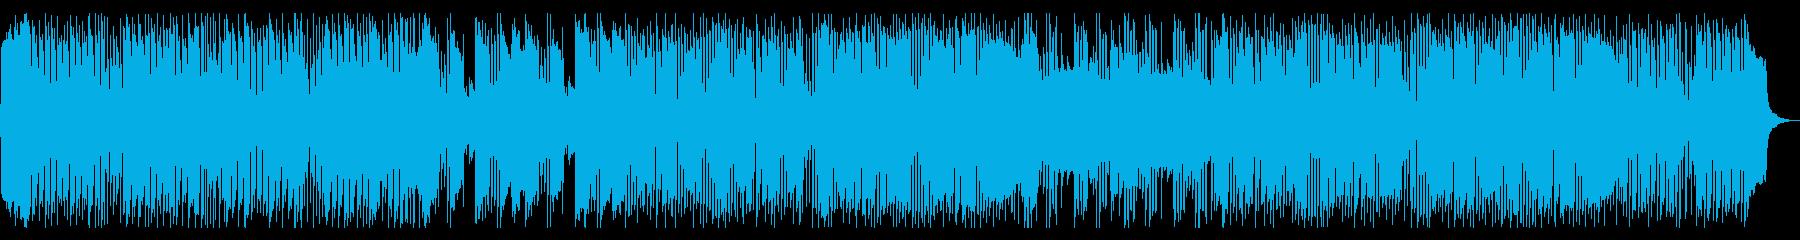 テンポがはやく、かわいめのハロウィン曲の再生済みの波形